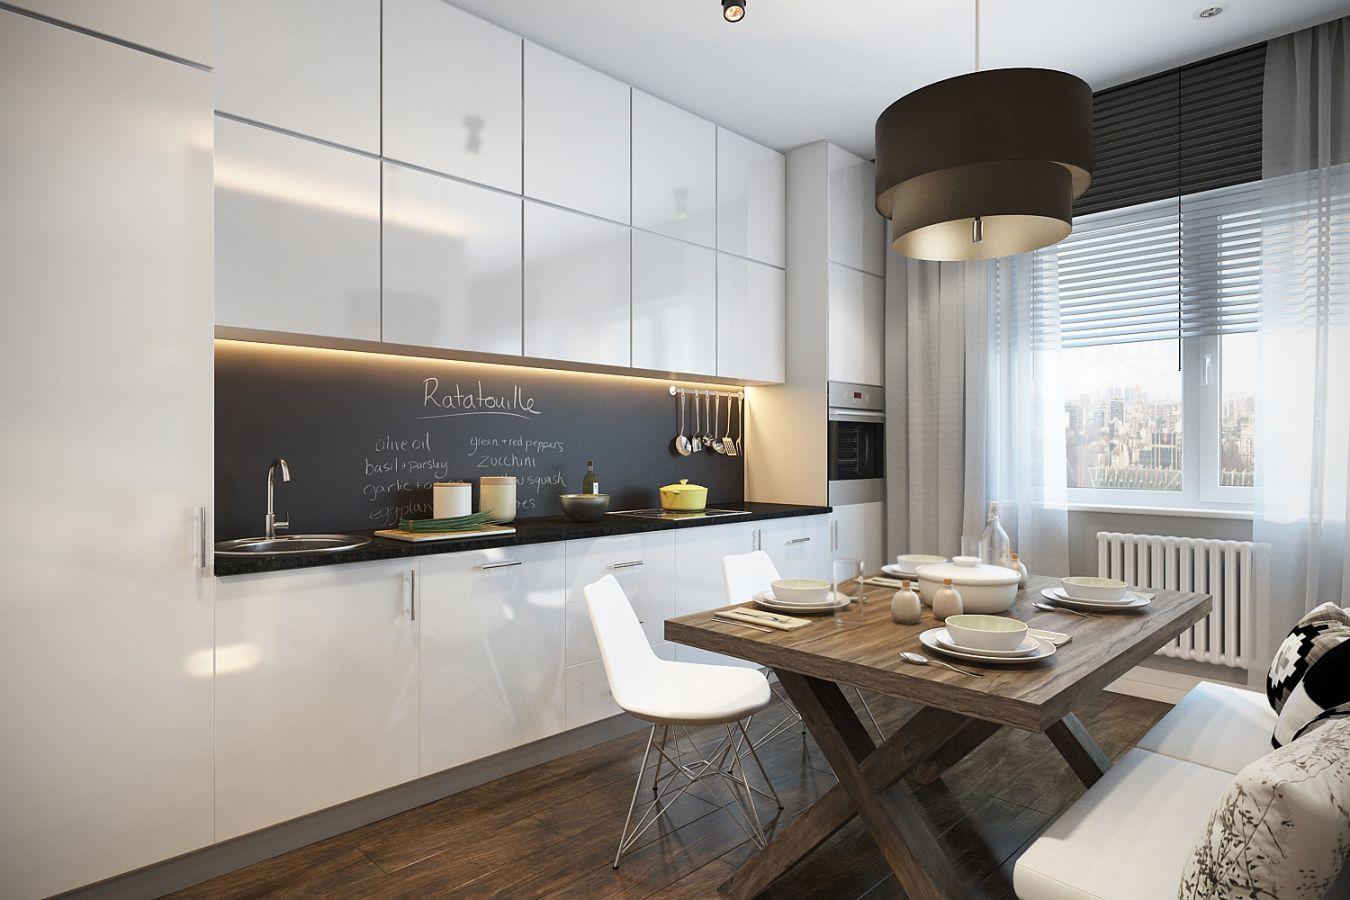 Интерьер, Минимализм, Кухня, гостиная в современном стиле ...